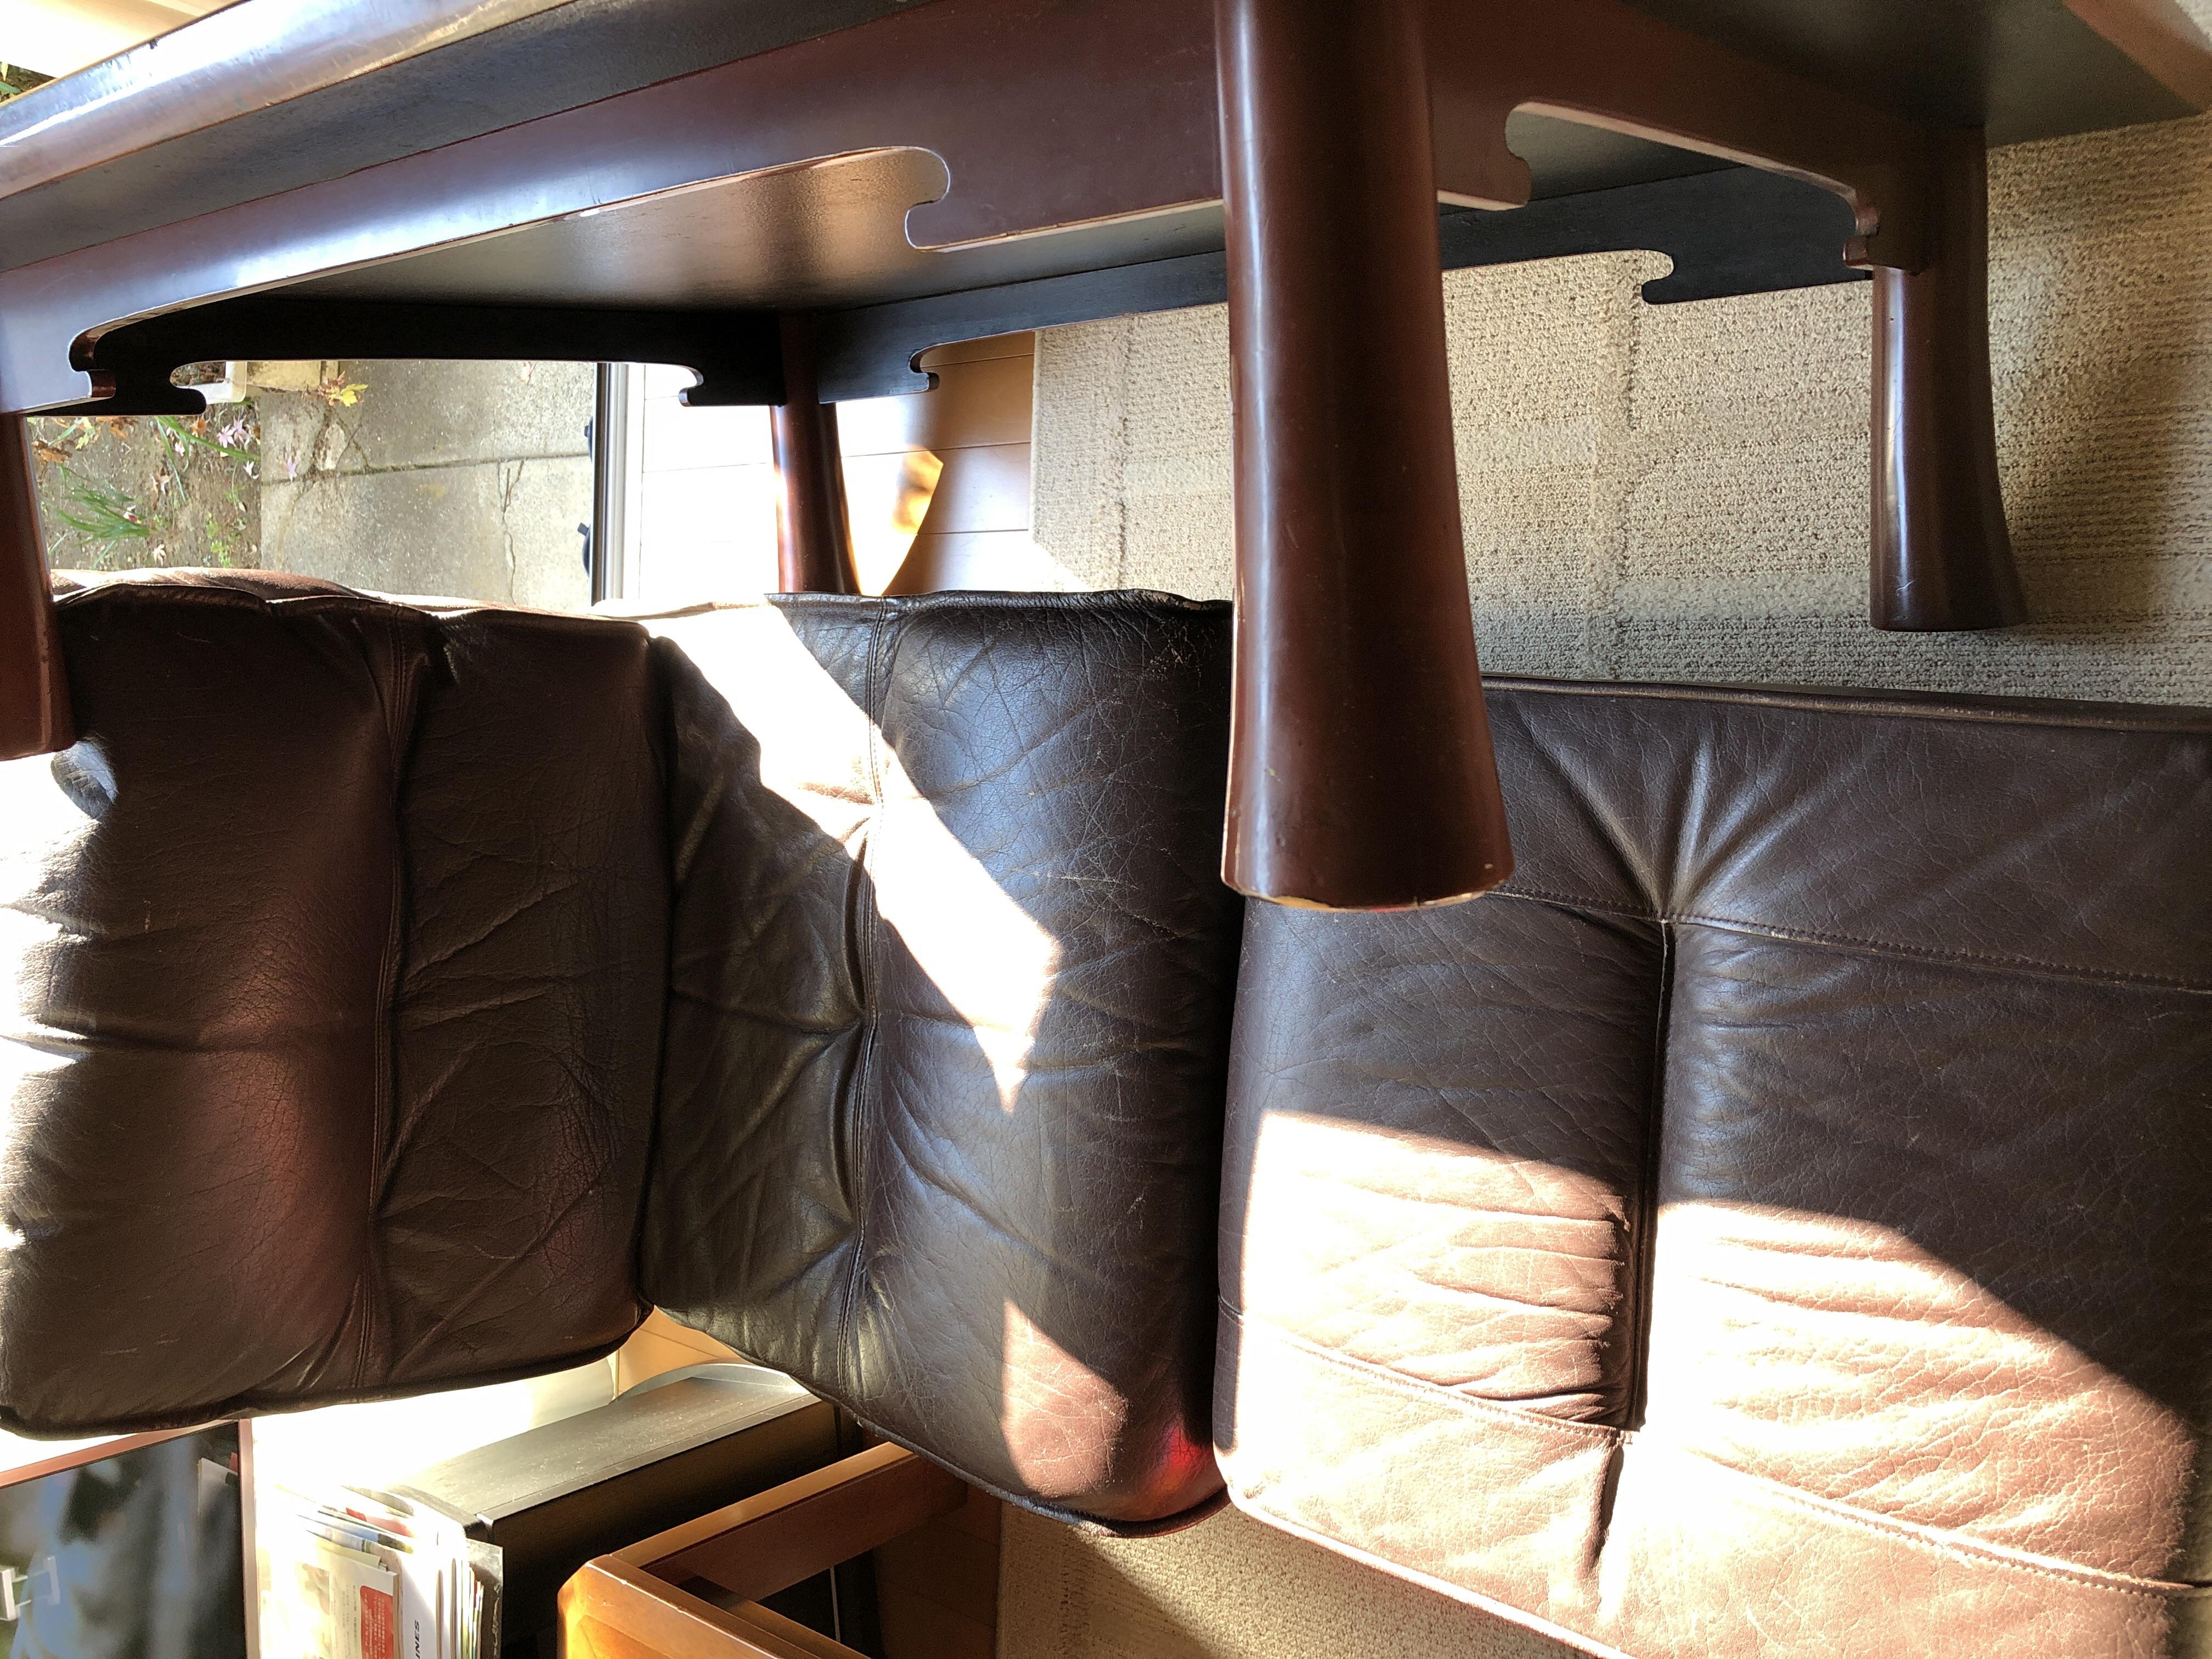 【横浜市保土ケ谷区】ソファーやテーブルなどの回収☆都合の良い日に不用品処分ができ、ご満足いただけました!